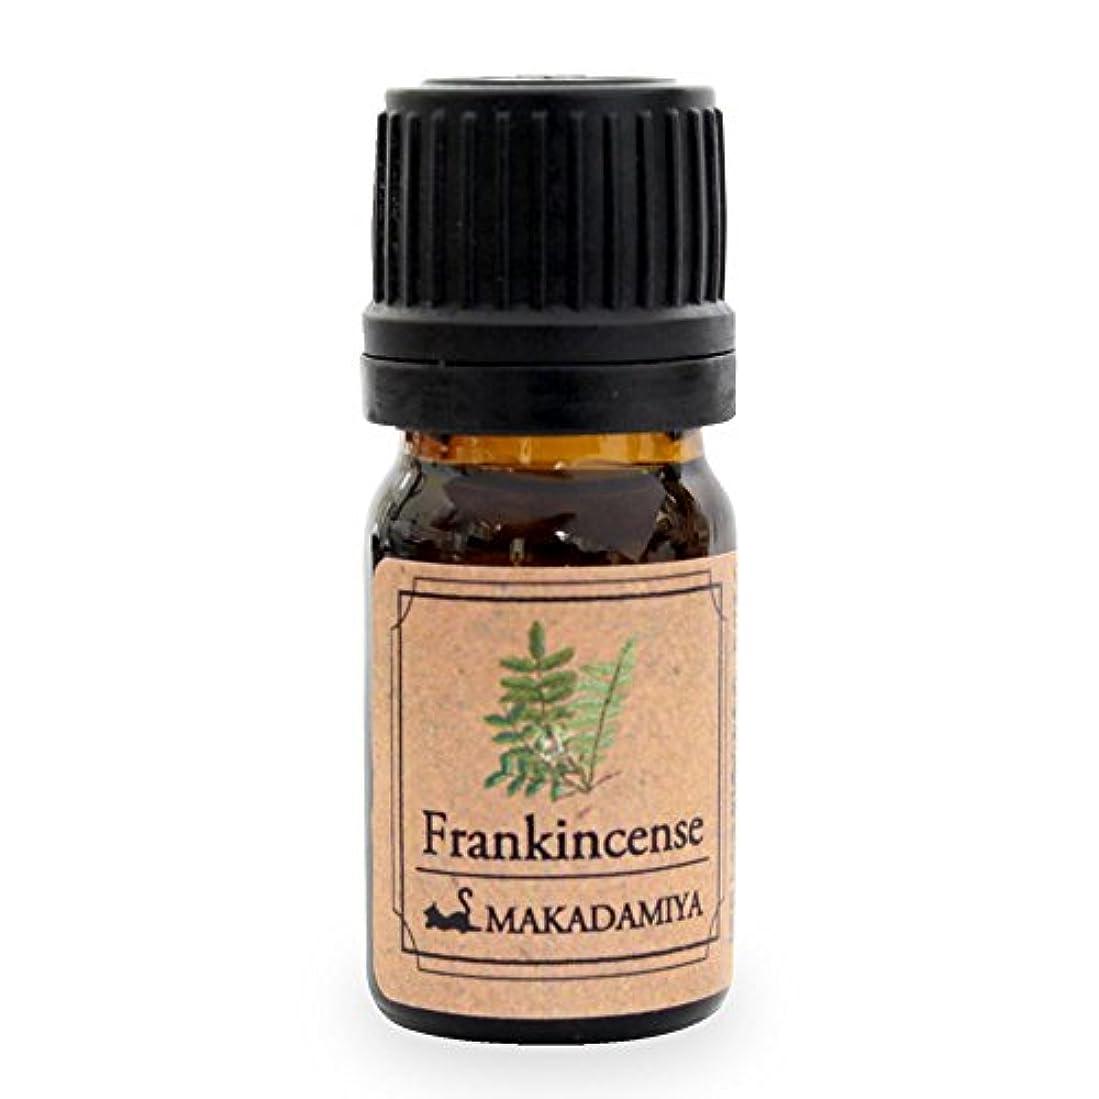 引き潮保証する役割フランキンセンス5ml 天然100%植物性 エッセンシャルオイル(精油) アロマオイル アロママッサージ aroma Frankincense